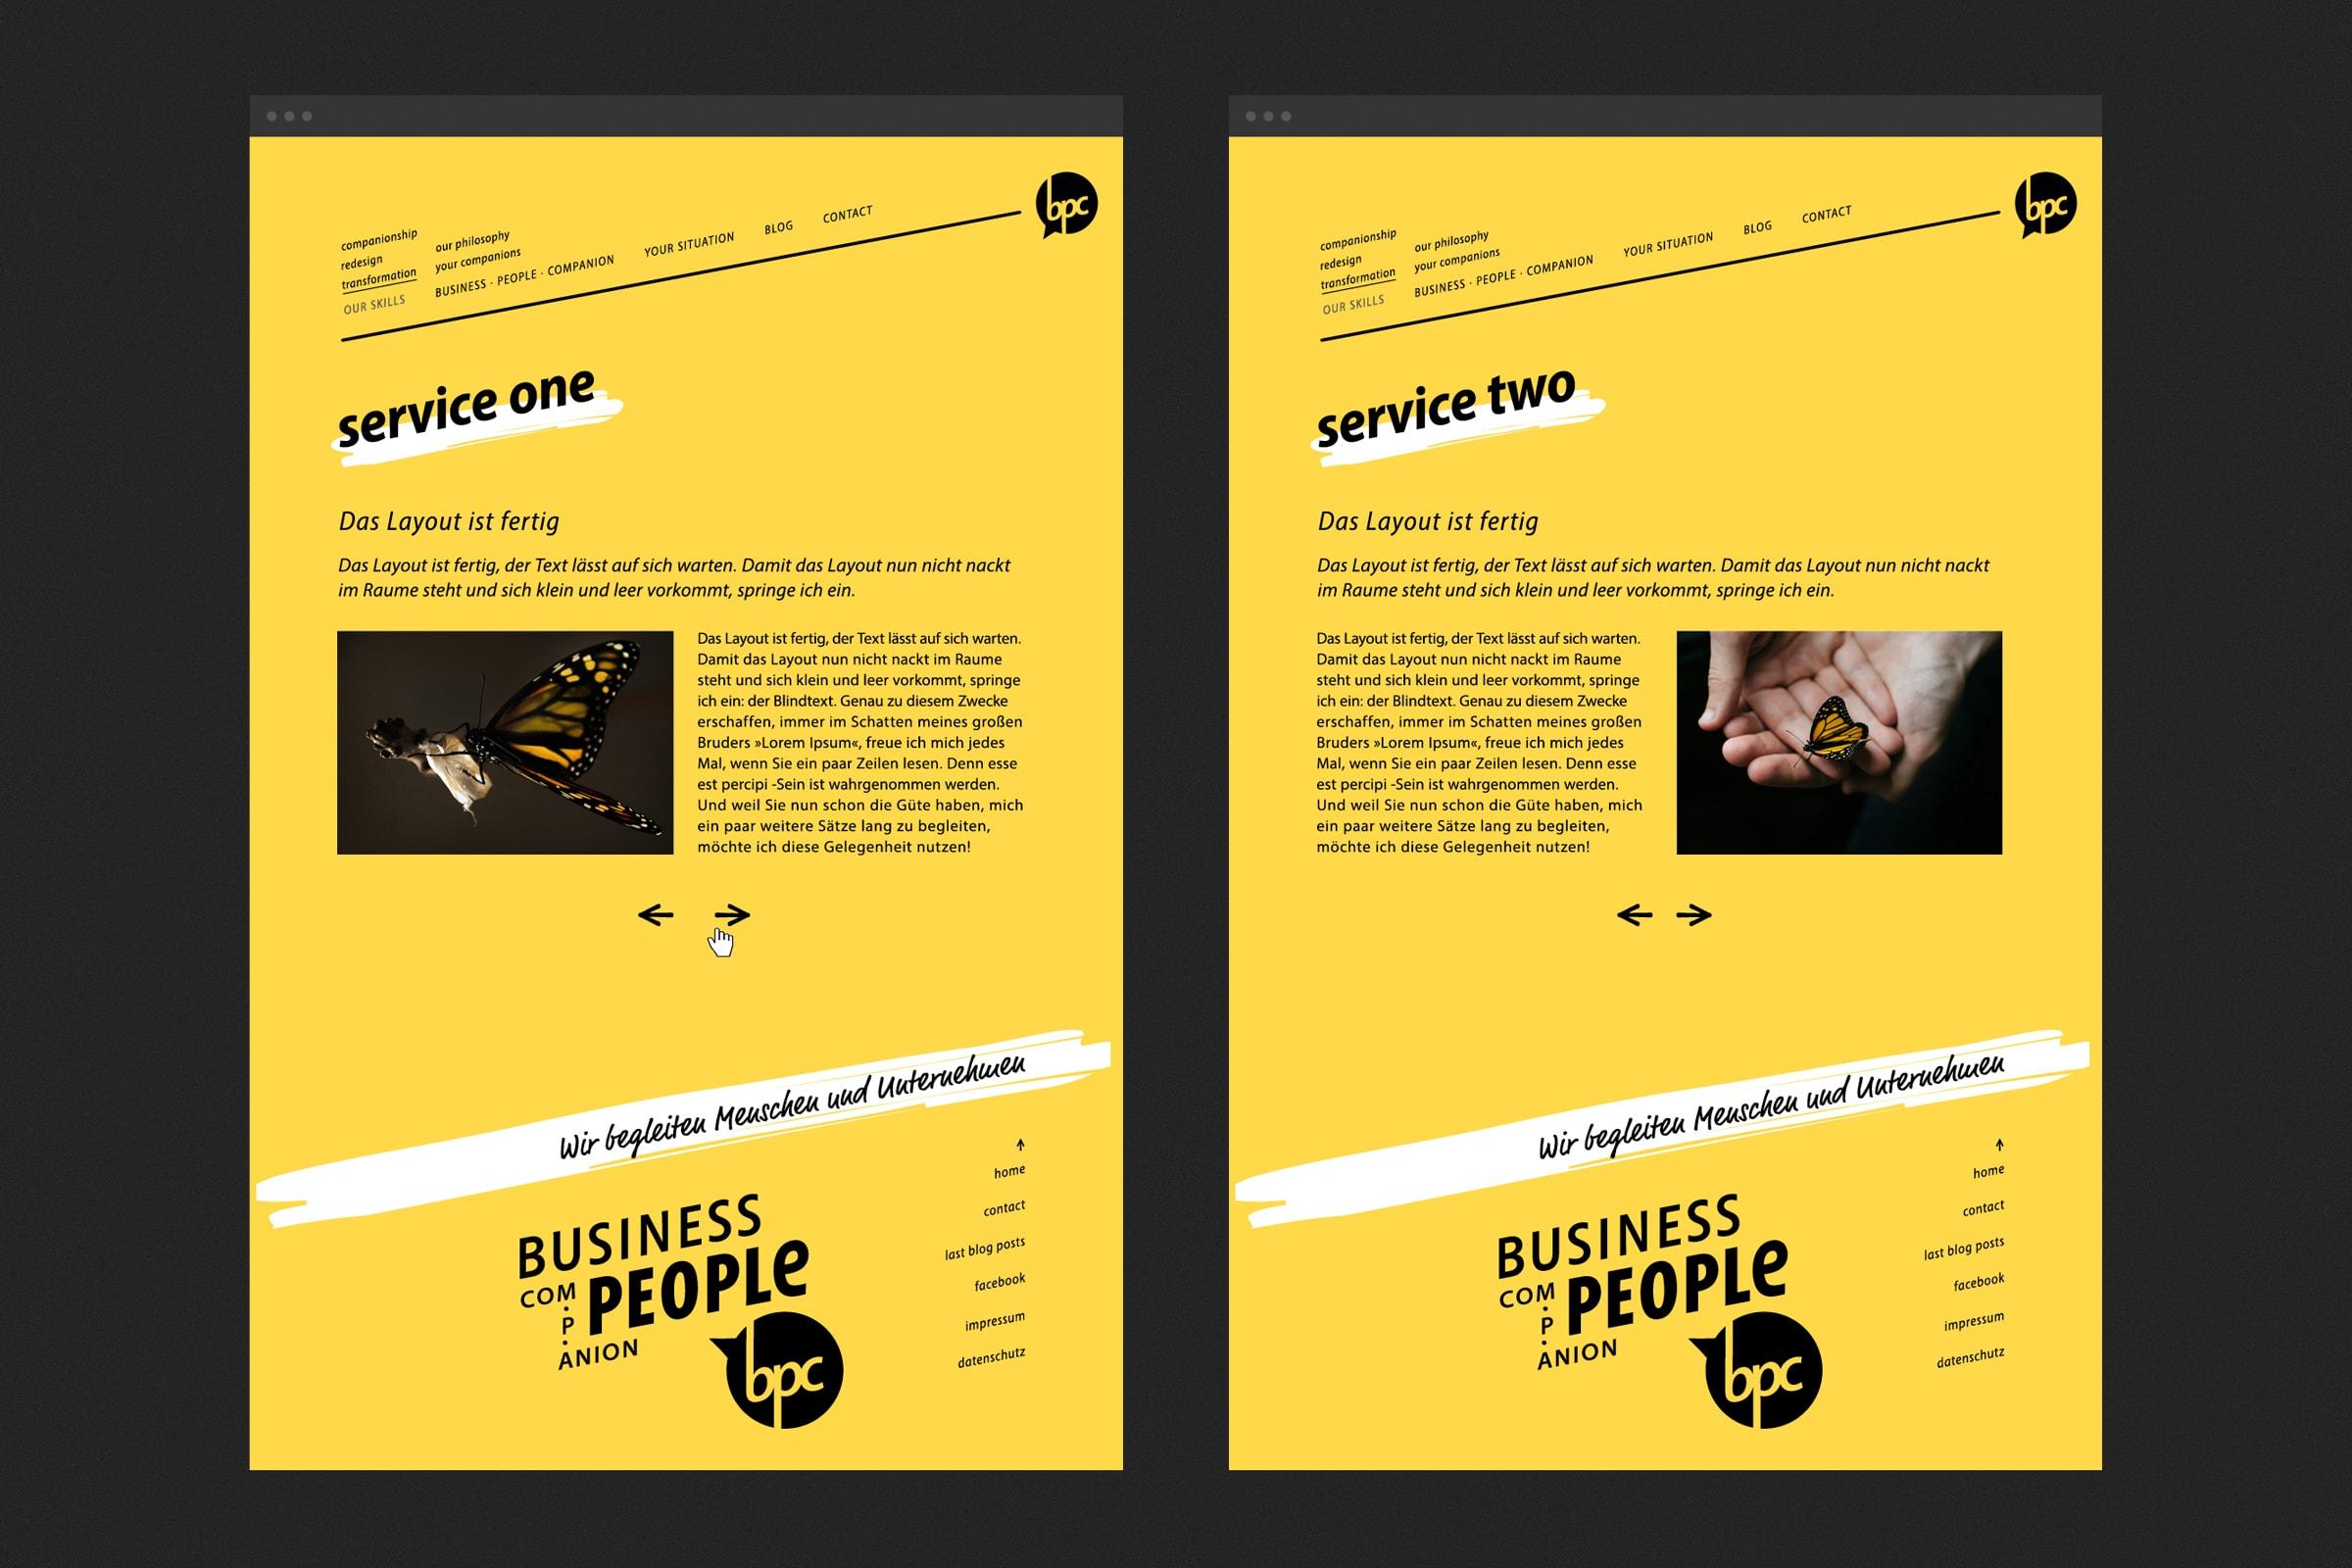 Screendesign/ Webdesign für eine Unternehmensberatung mit Firmensitz in der Region Trier/ Luxembourg. Ein Beispiel für das entwickelte Layout. Eine Webkonzeption der Designagentur mieker - Konzept Design Strategie. Leistungen: Designkonzept, Corporate Identity, Corporate Website, Screendesign, Webdesign, UX Design, online Visitenkarte, Printdesign, Corporate Design und Logodesign.